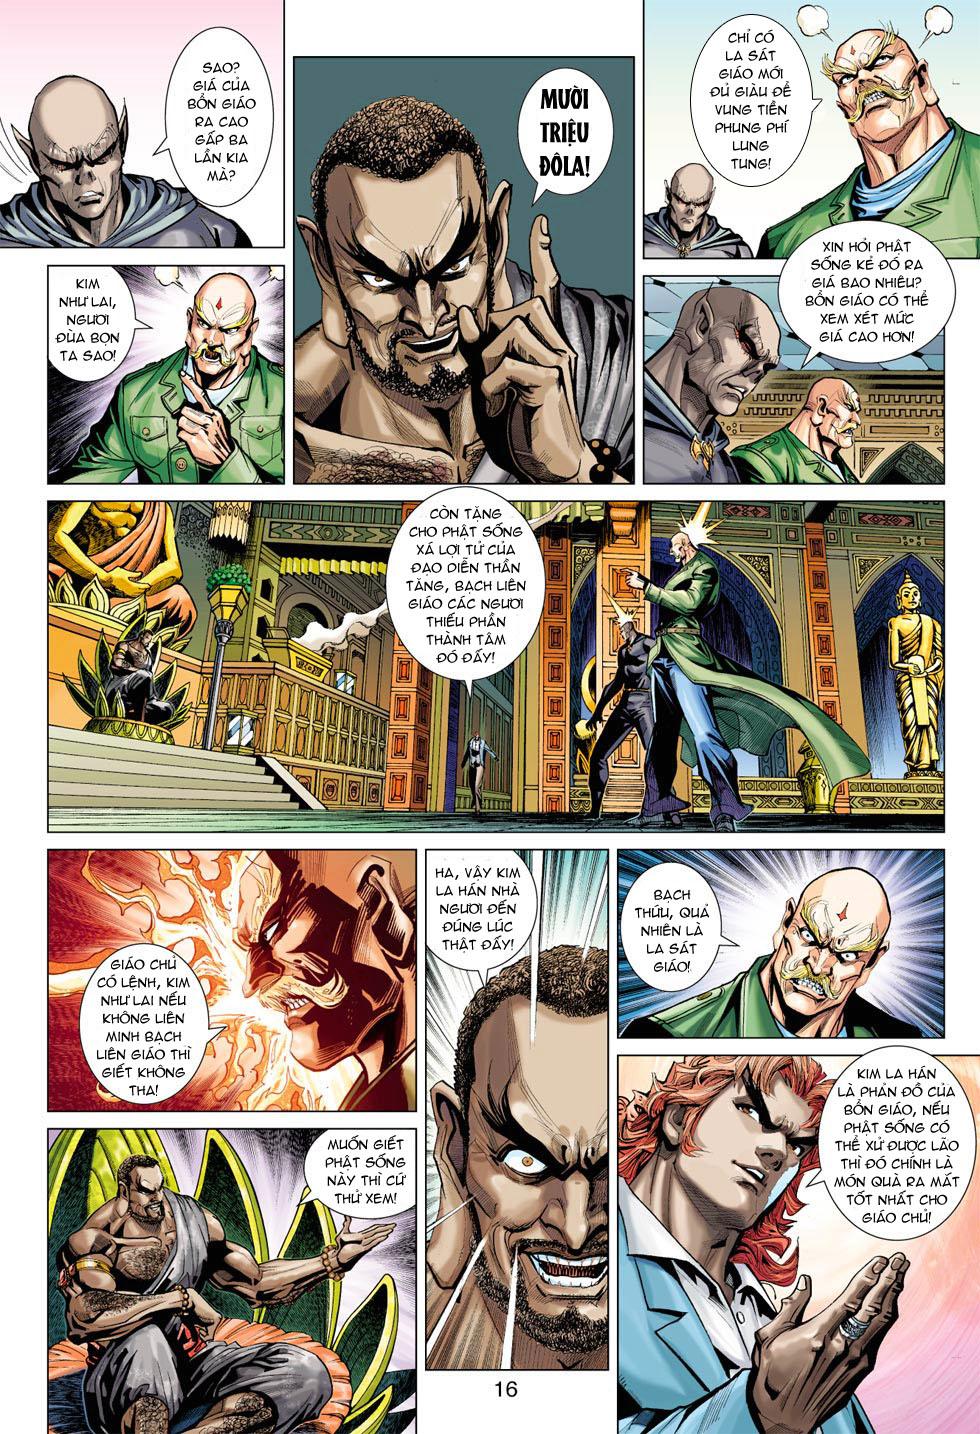 Tân Tác Long Hổ Môn trang 49